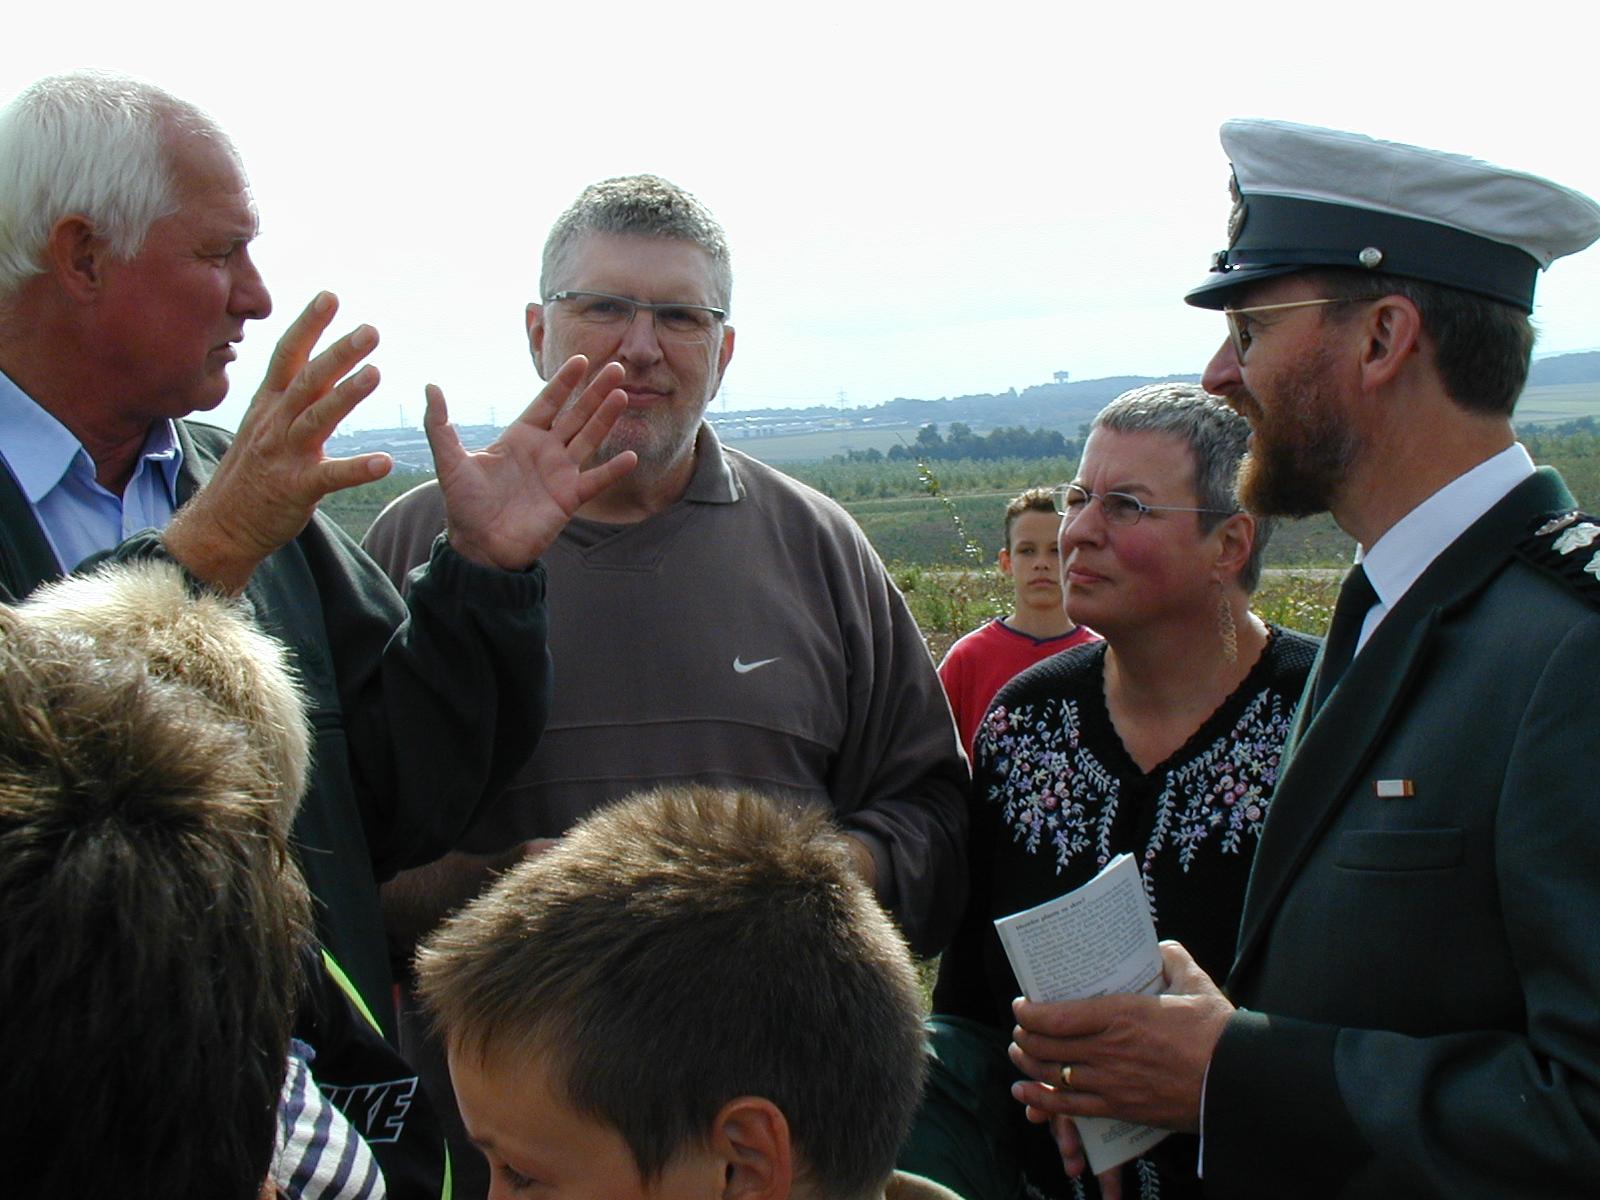 Indvielsen i 2000 blev foretaget af daværende miljøminister Svend Auken. Han ses her efter indvielsen i samtale med Jørn Rønnau og statsskovrider Niels Bundgaard.